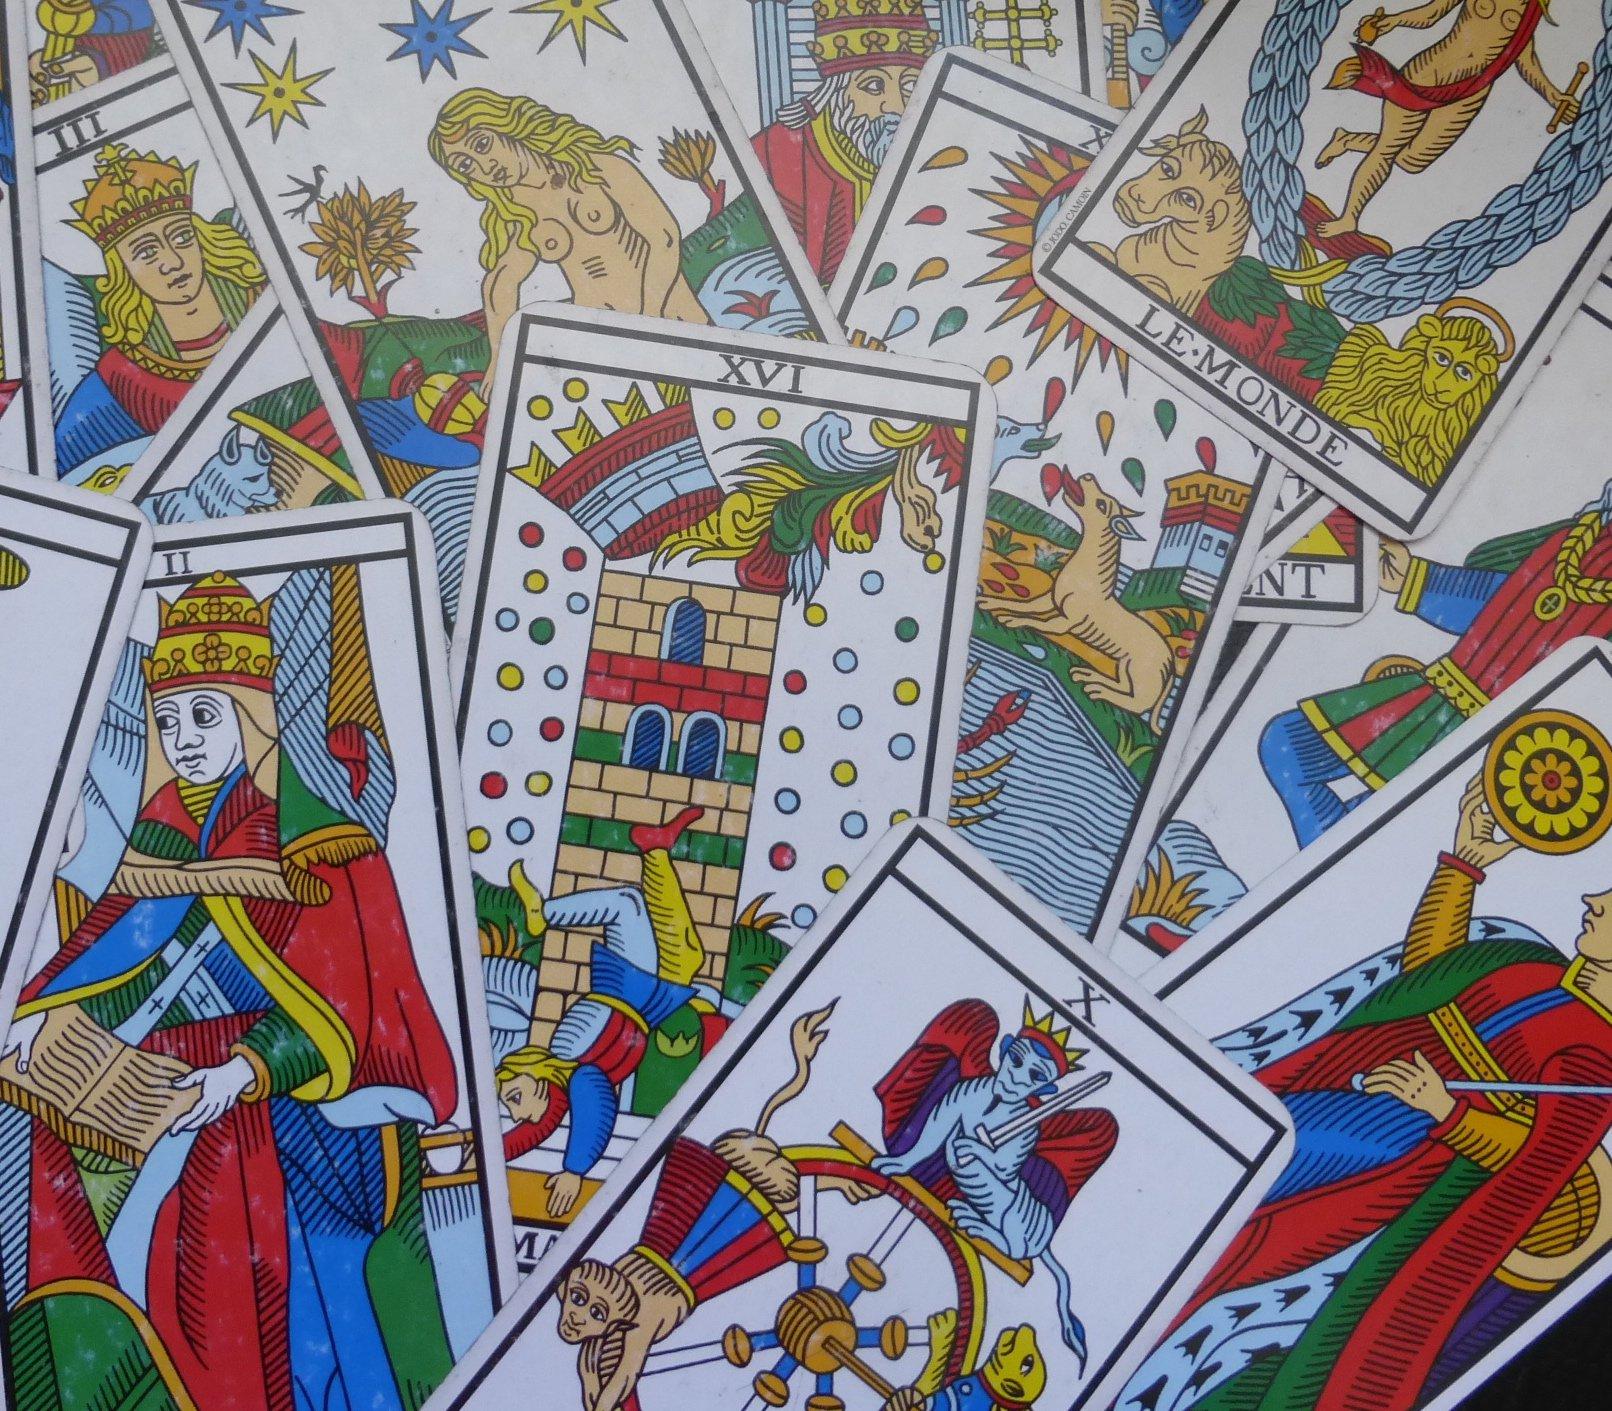 Un tirage-clé pour votre joie de vivre - Le Tarot de Marseille, un ... 272addf40e17